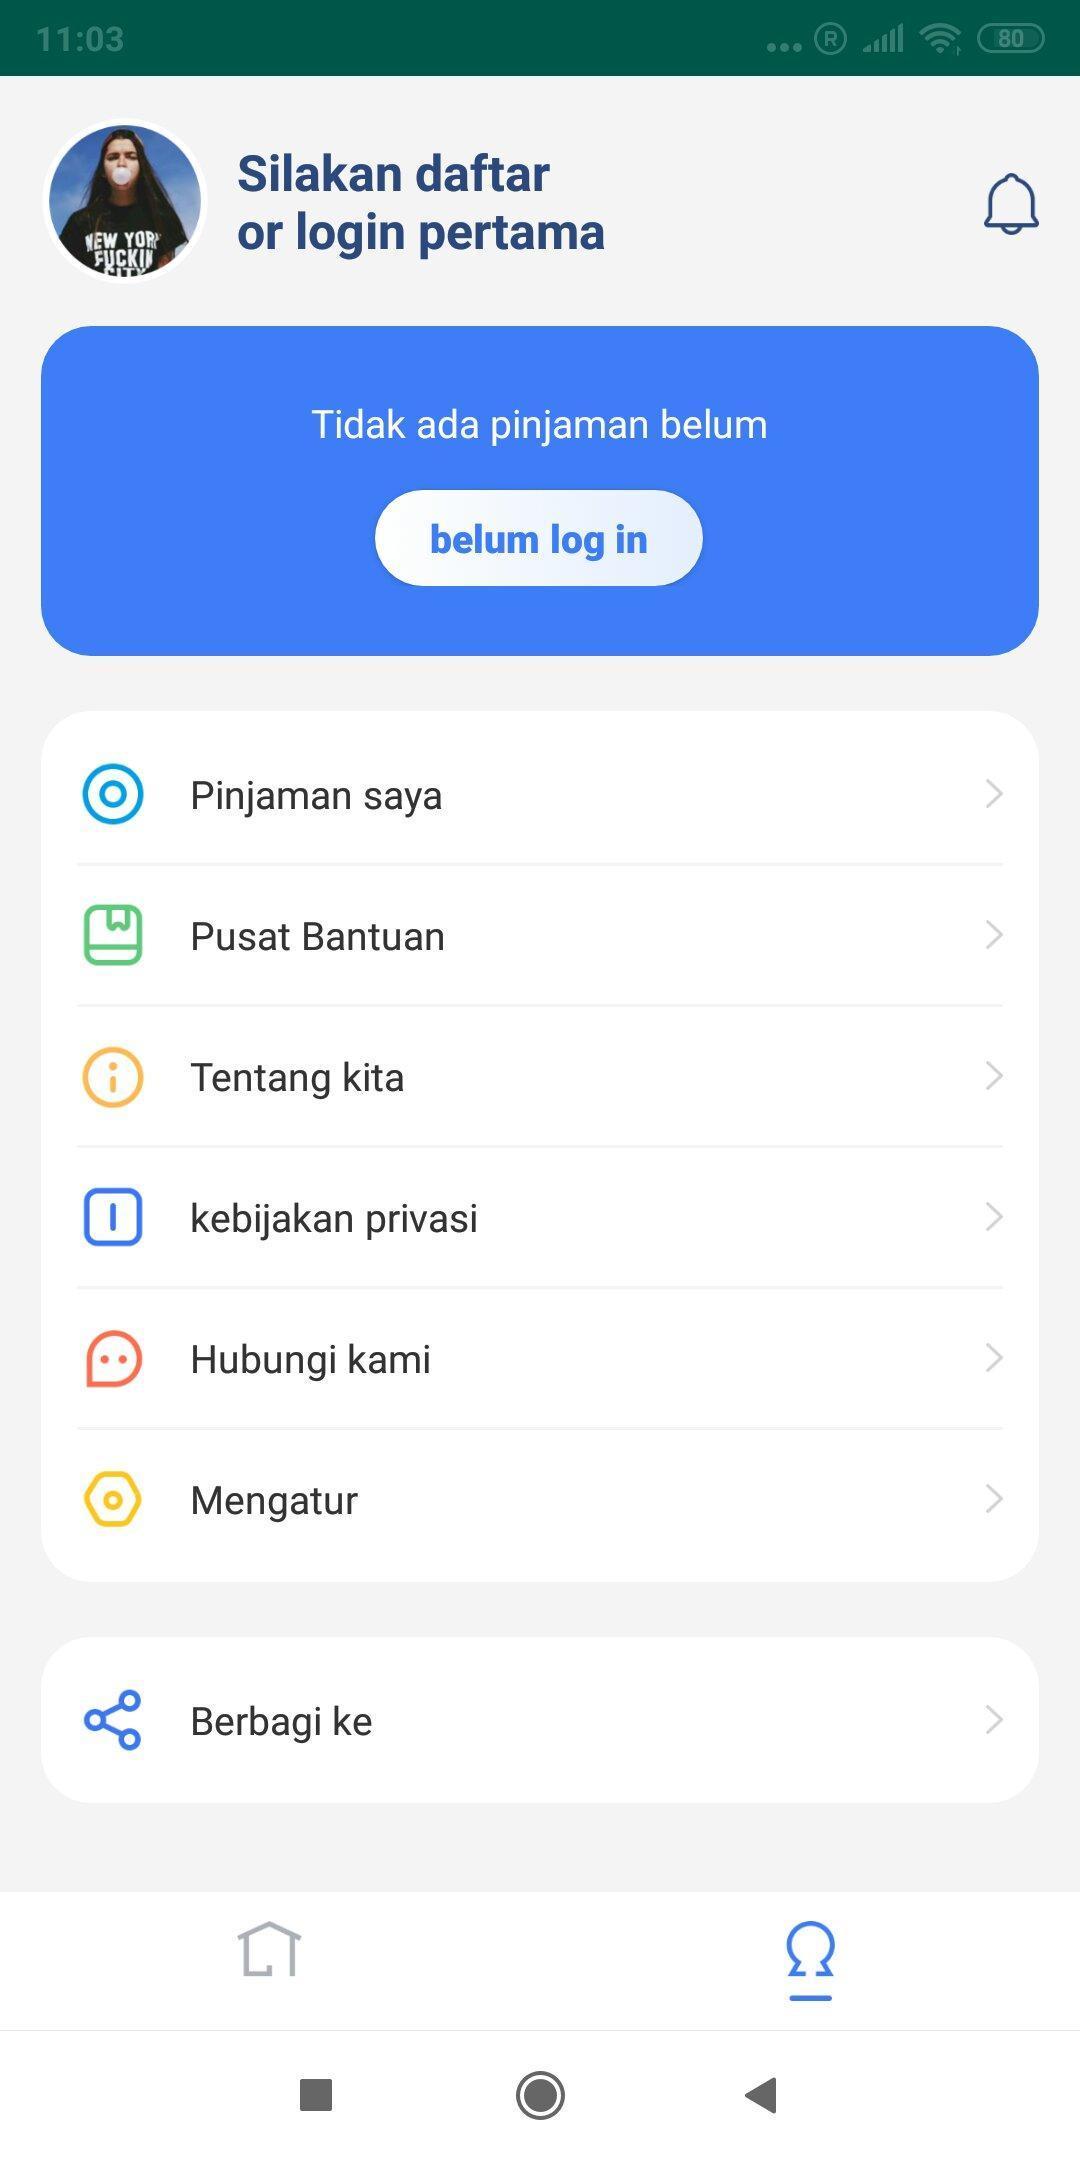 Aplikasi Gampang Kilat yang baru